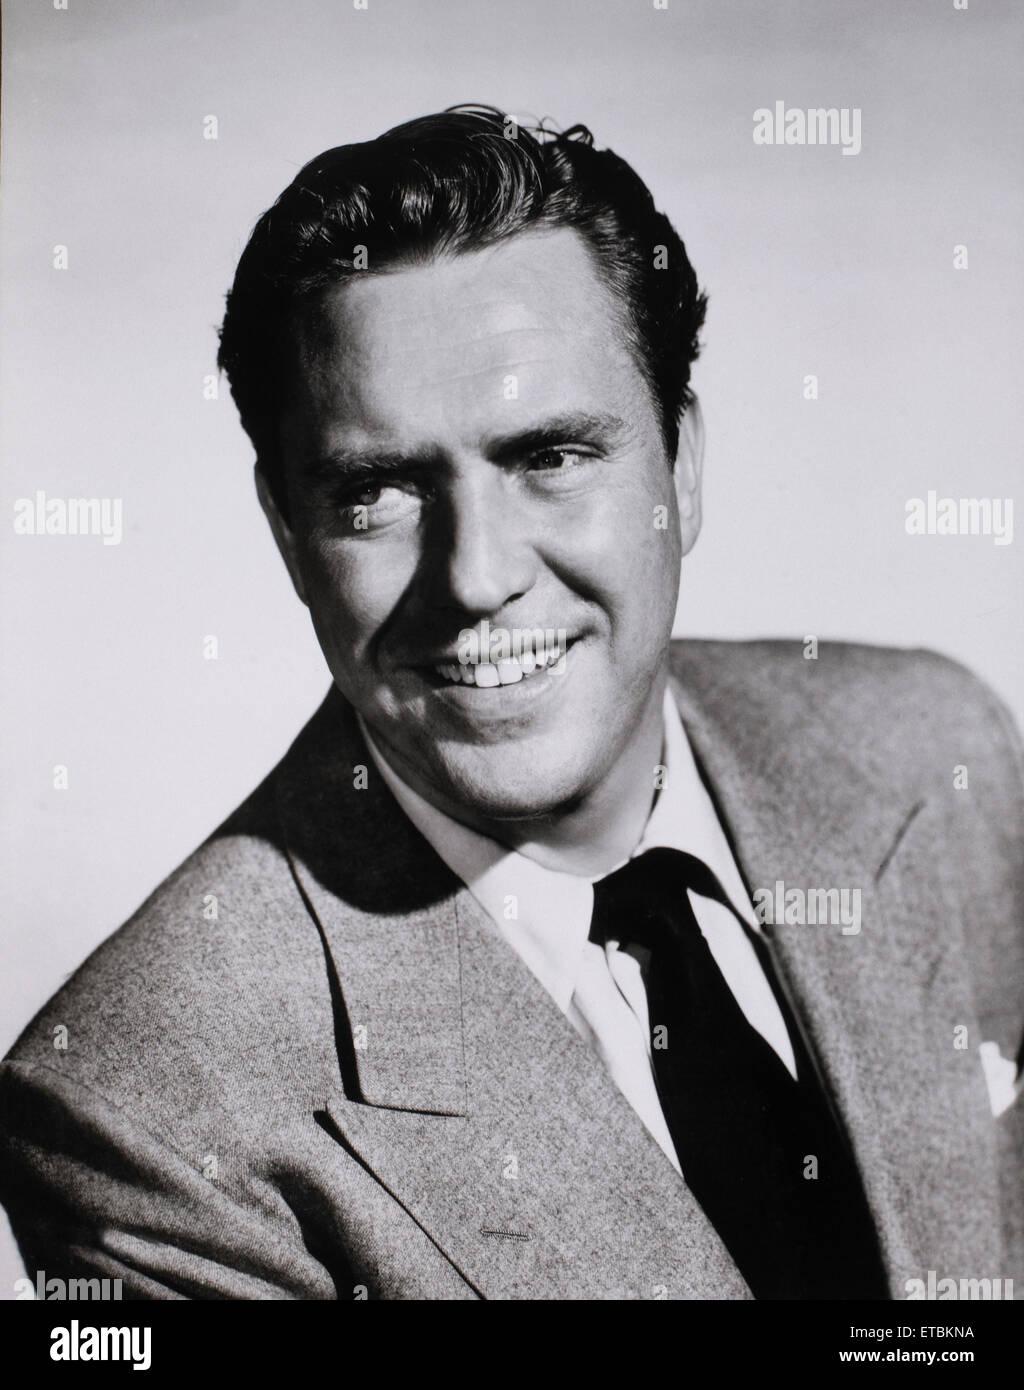 Schauspieler Edmond O'Brien, Portrait, 1951 Stockbild